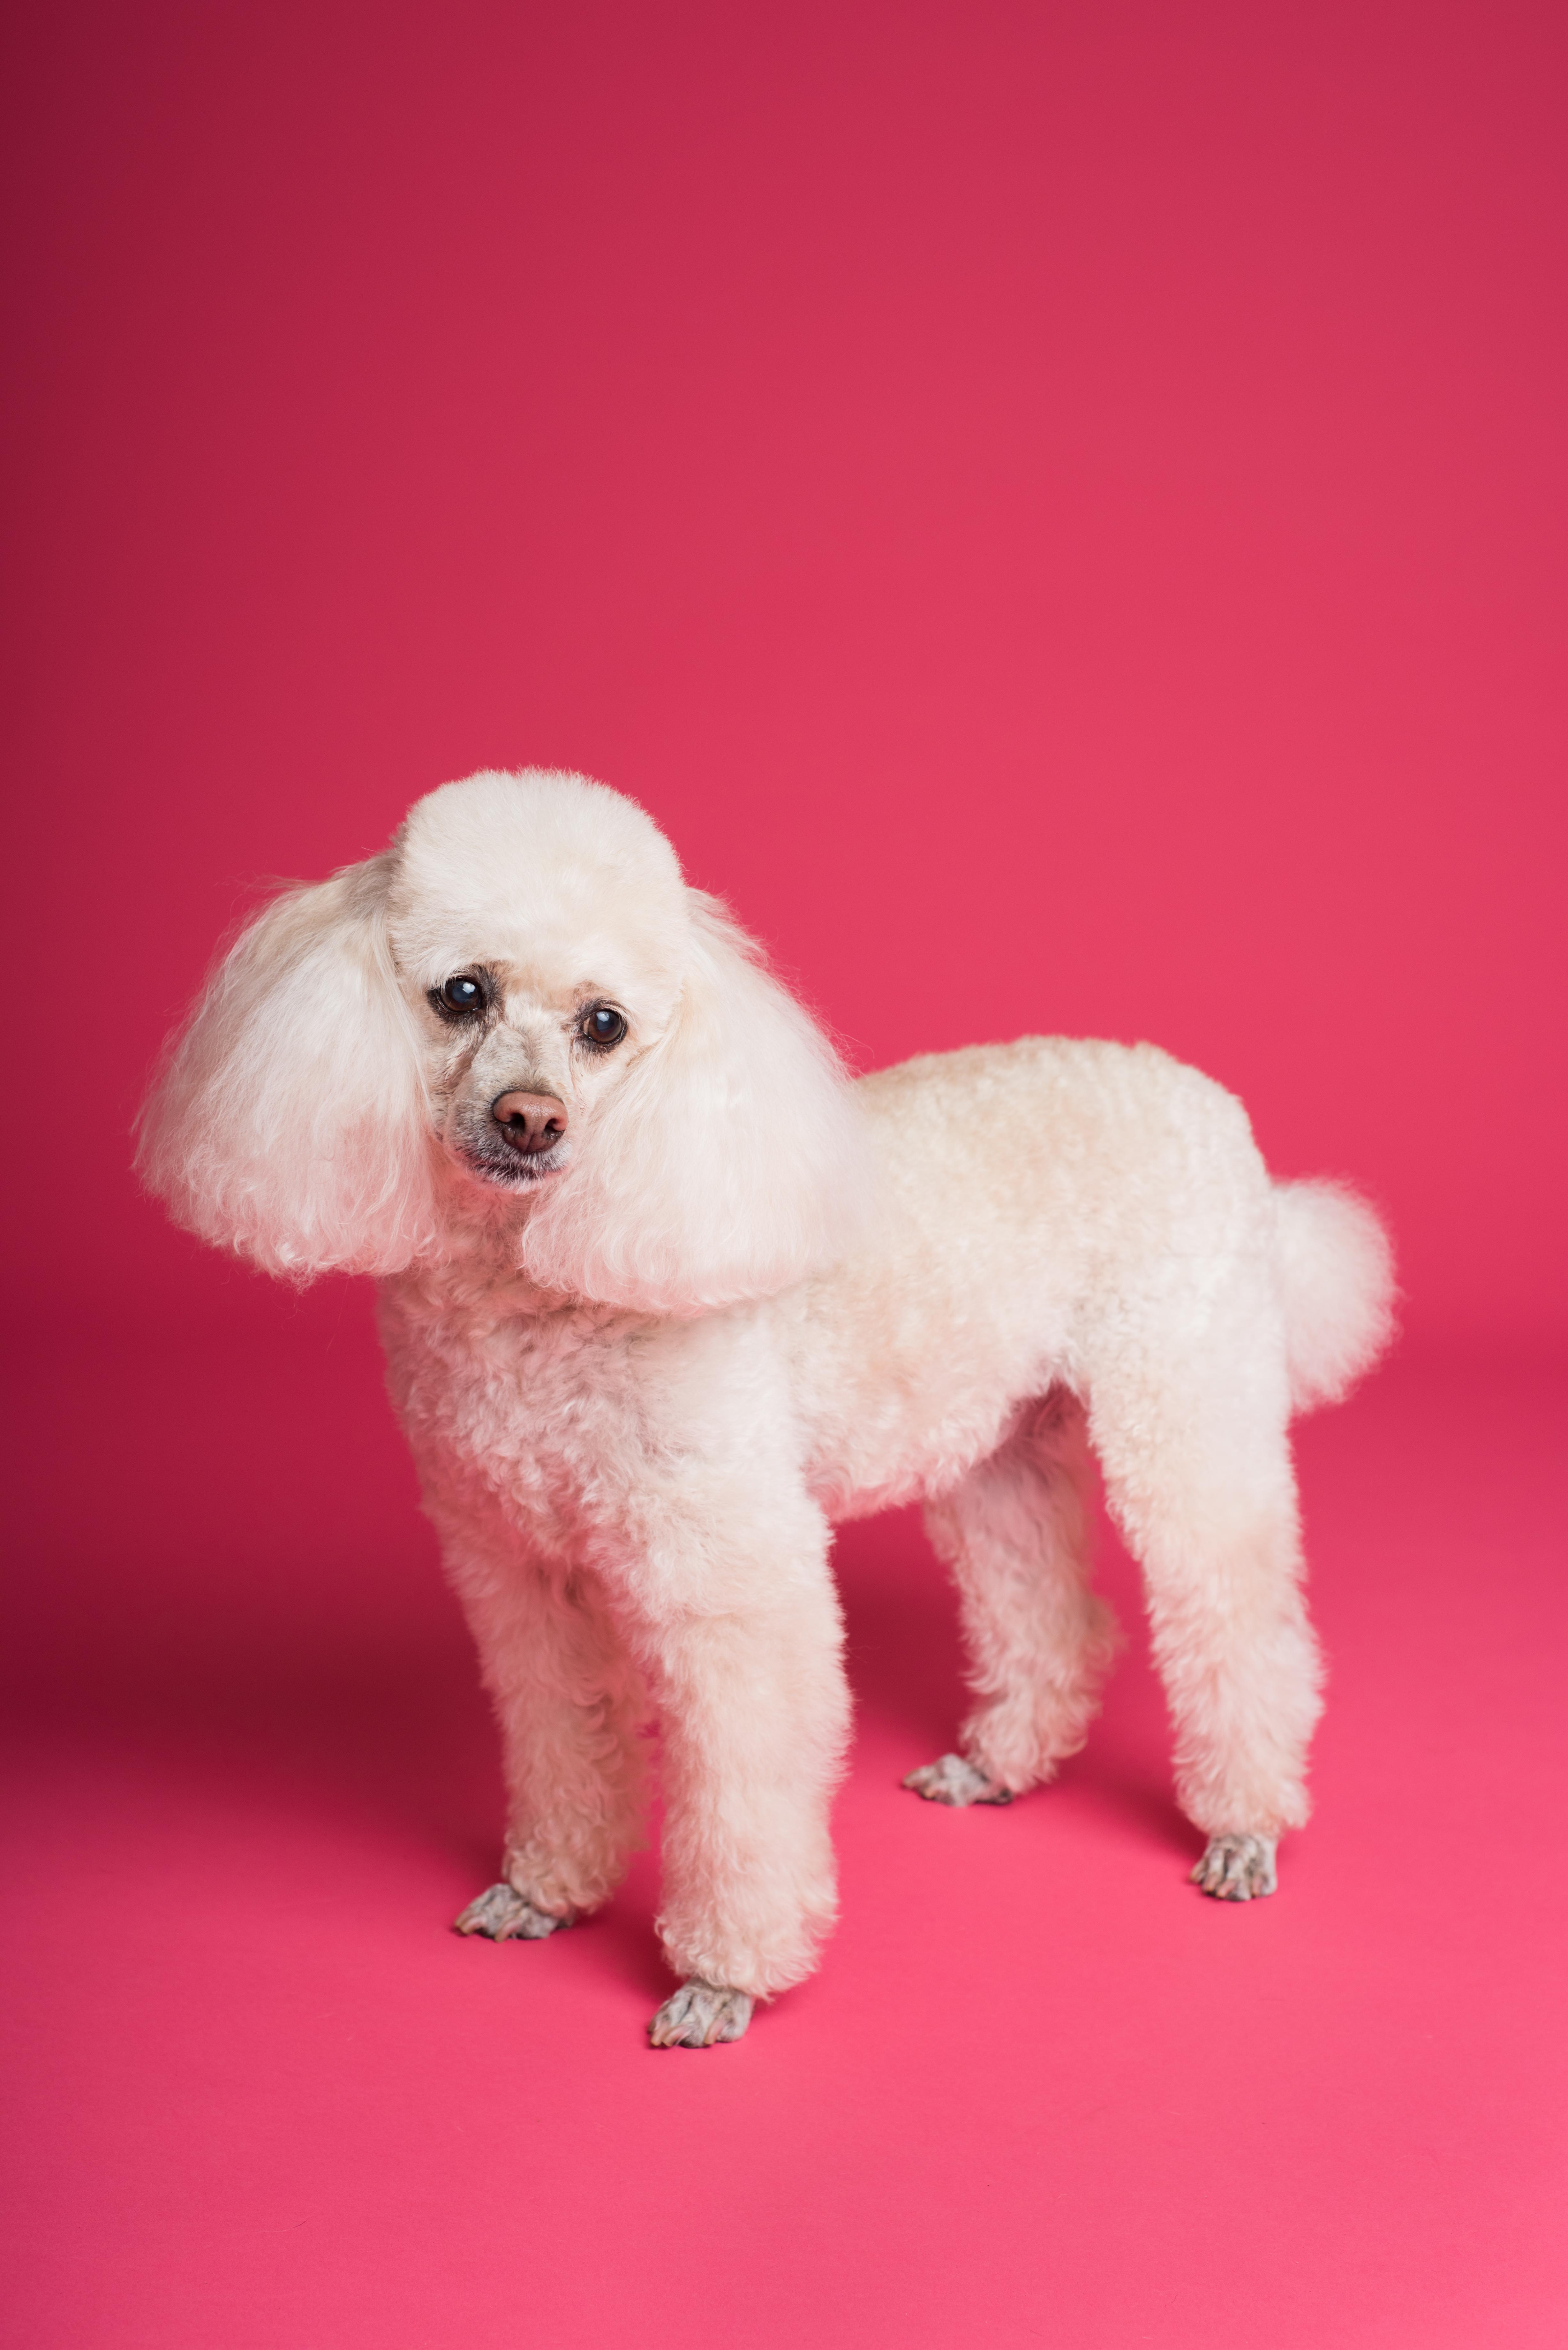 Long-coated White Poodle